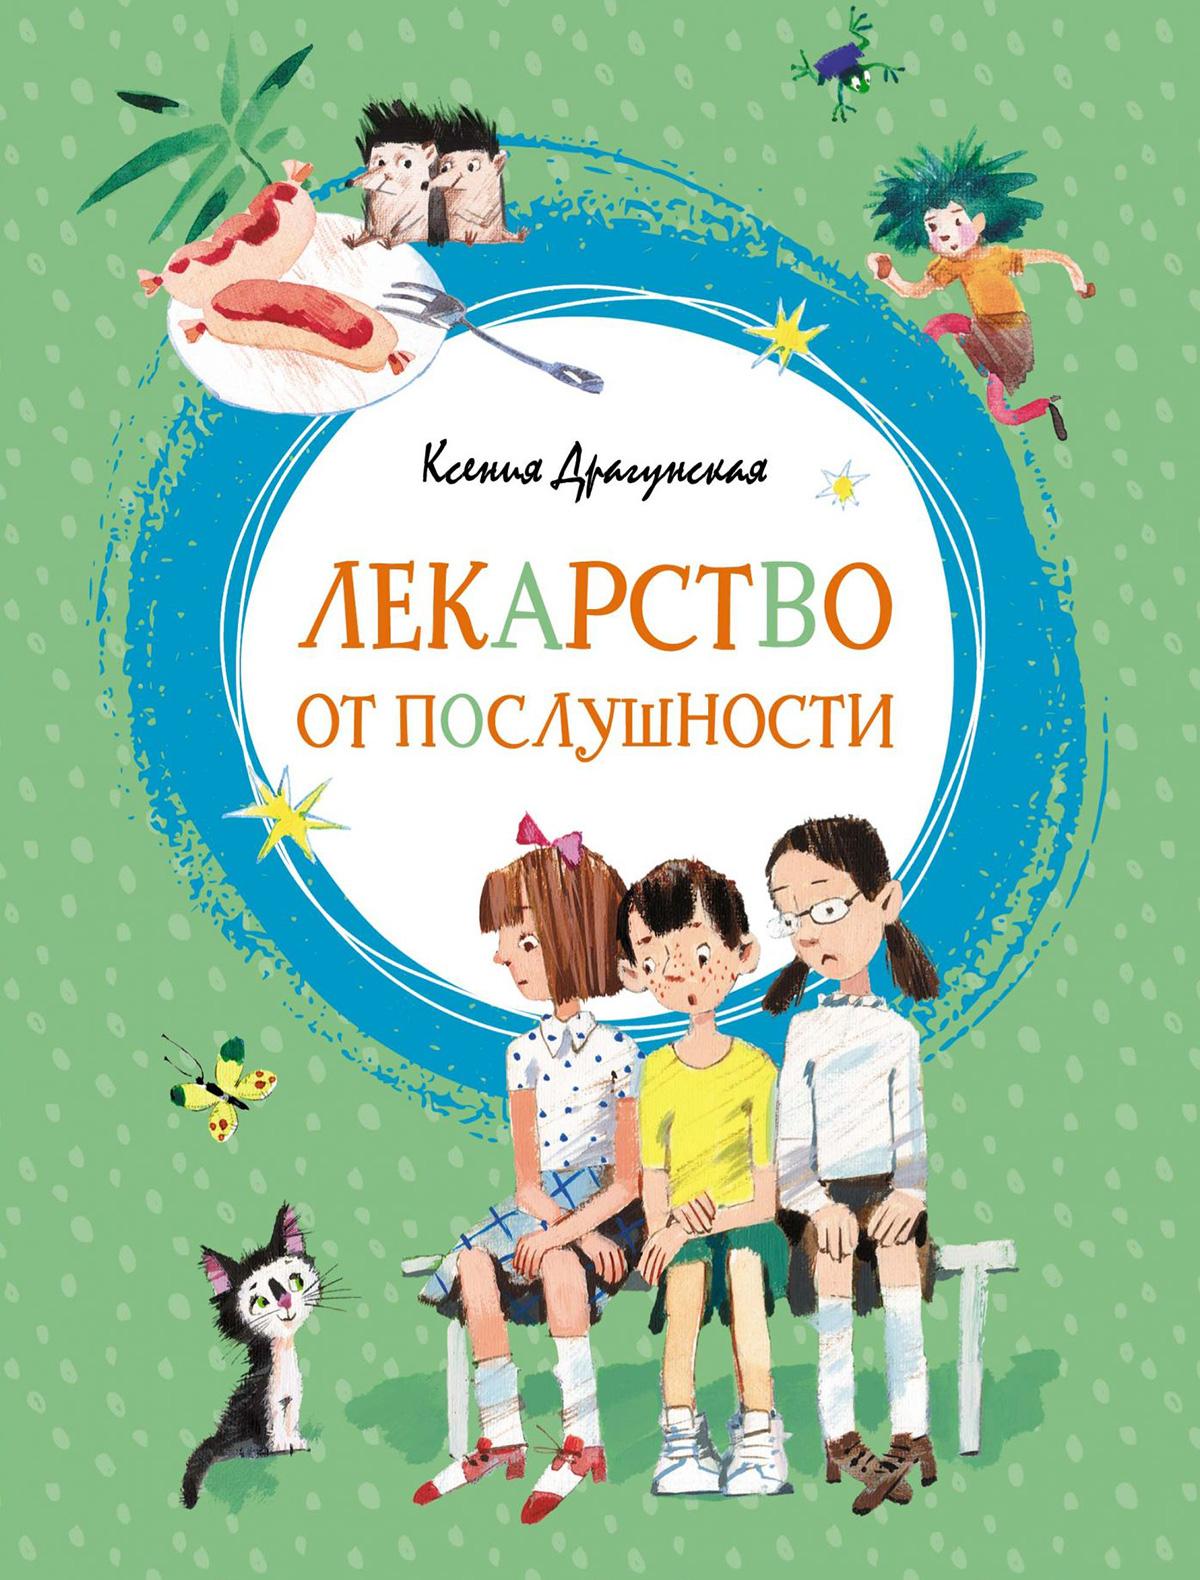 Купить 2049157, Книга ИГ Азбука-Аттикус, 9002229980577